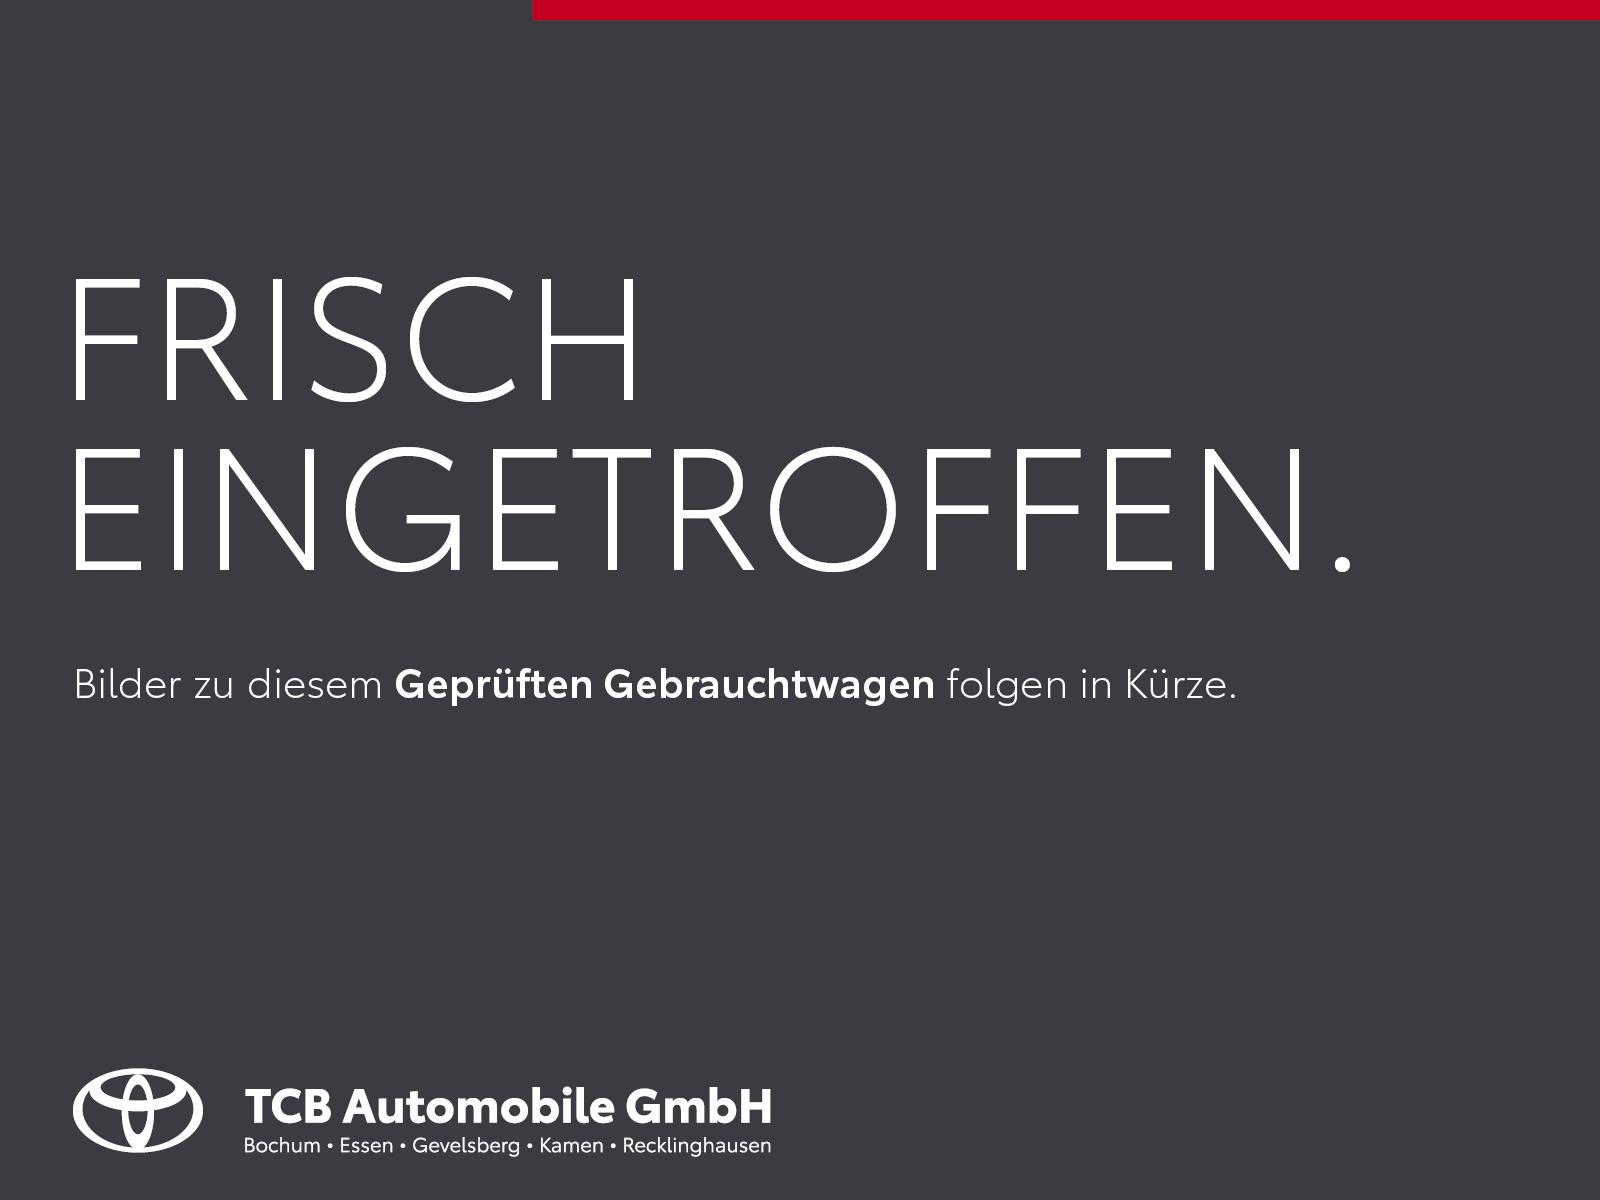 Toyota Aygo 1.0 l 5-Türer x-play touch PDC KLIMA BT ZV, Jahr 2015, Benzin